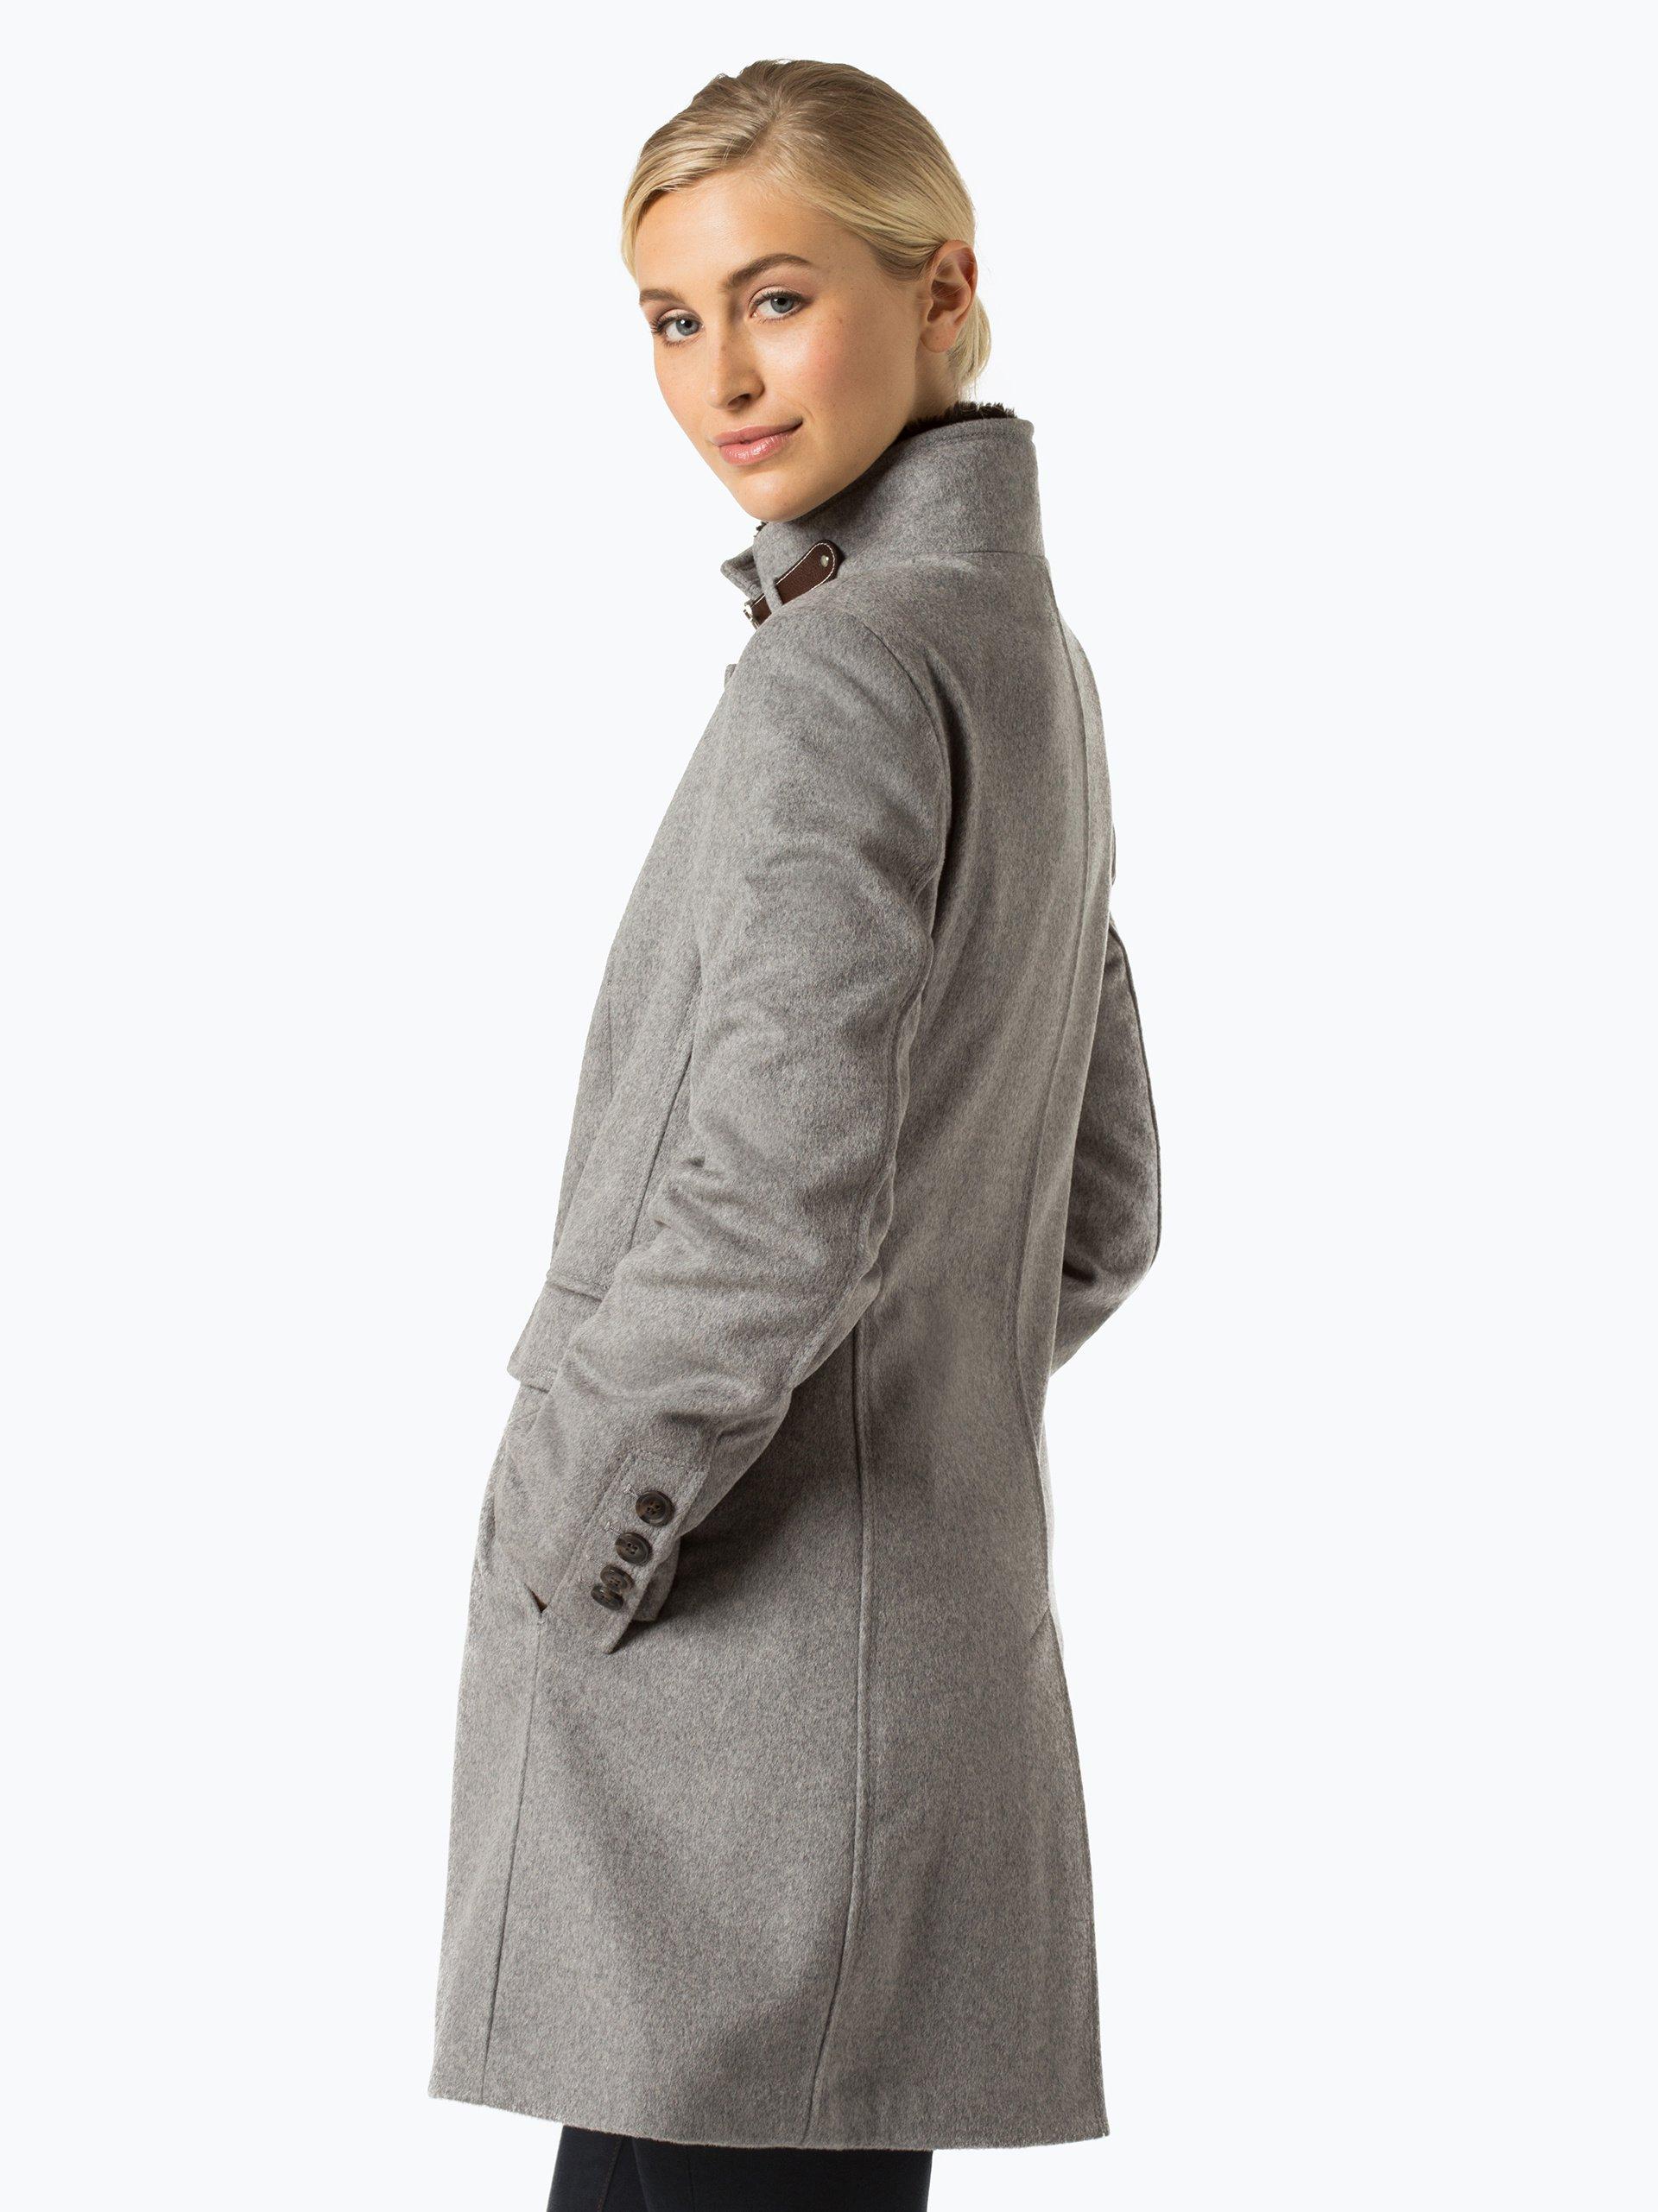 marie lund damen mantel mit cashmere anteil grau uni online kaufen peek und cloppenburg de. Black Bedroom Furniture Sets. Home Design Ideas